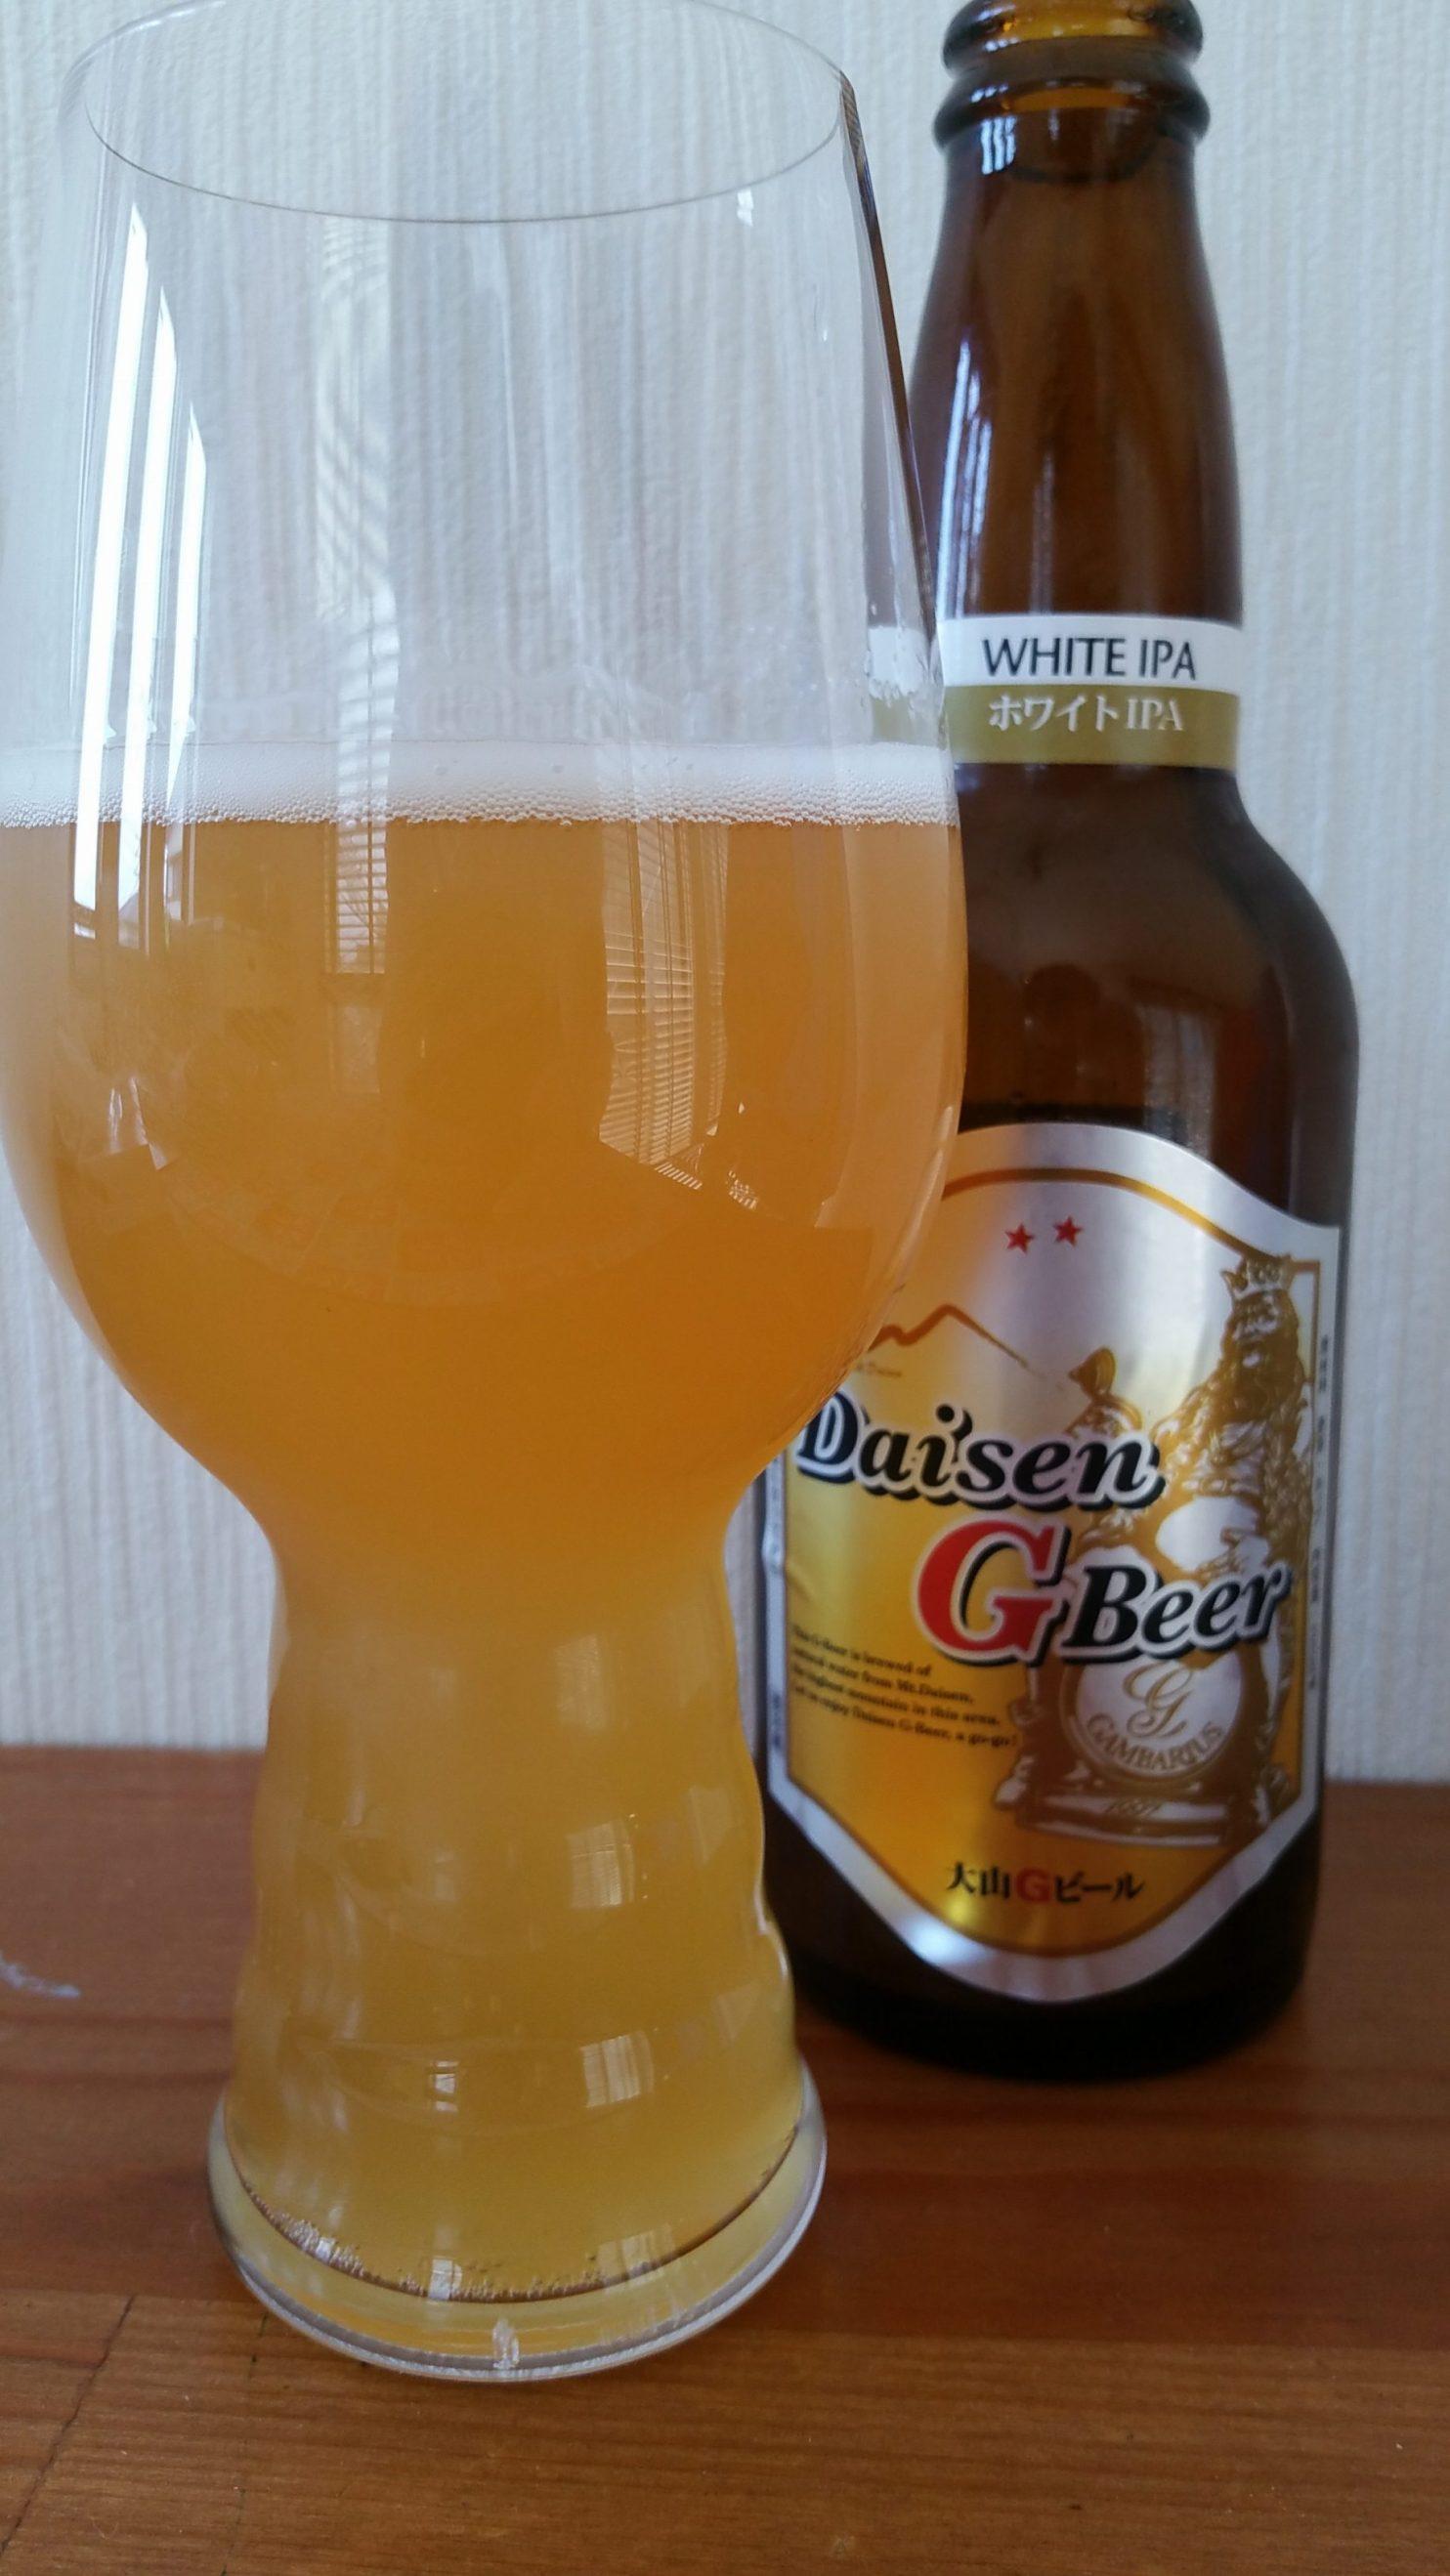 Daisen G Beer White IPA